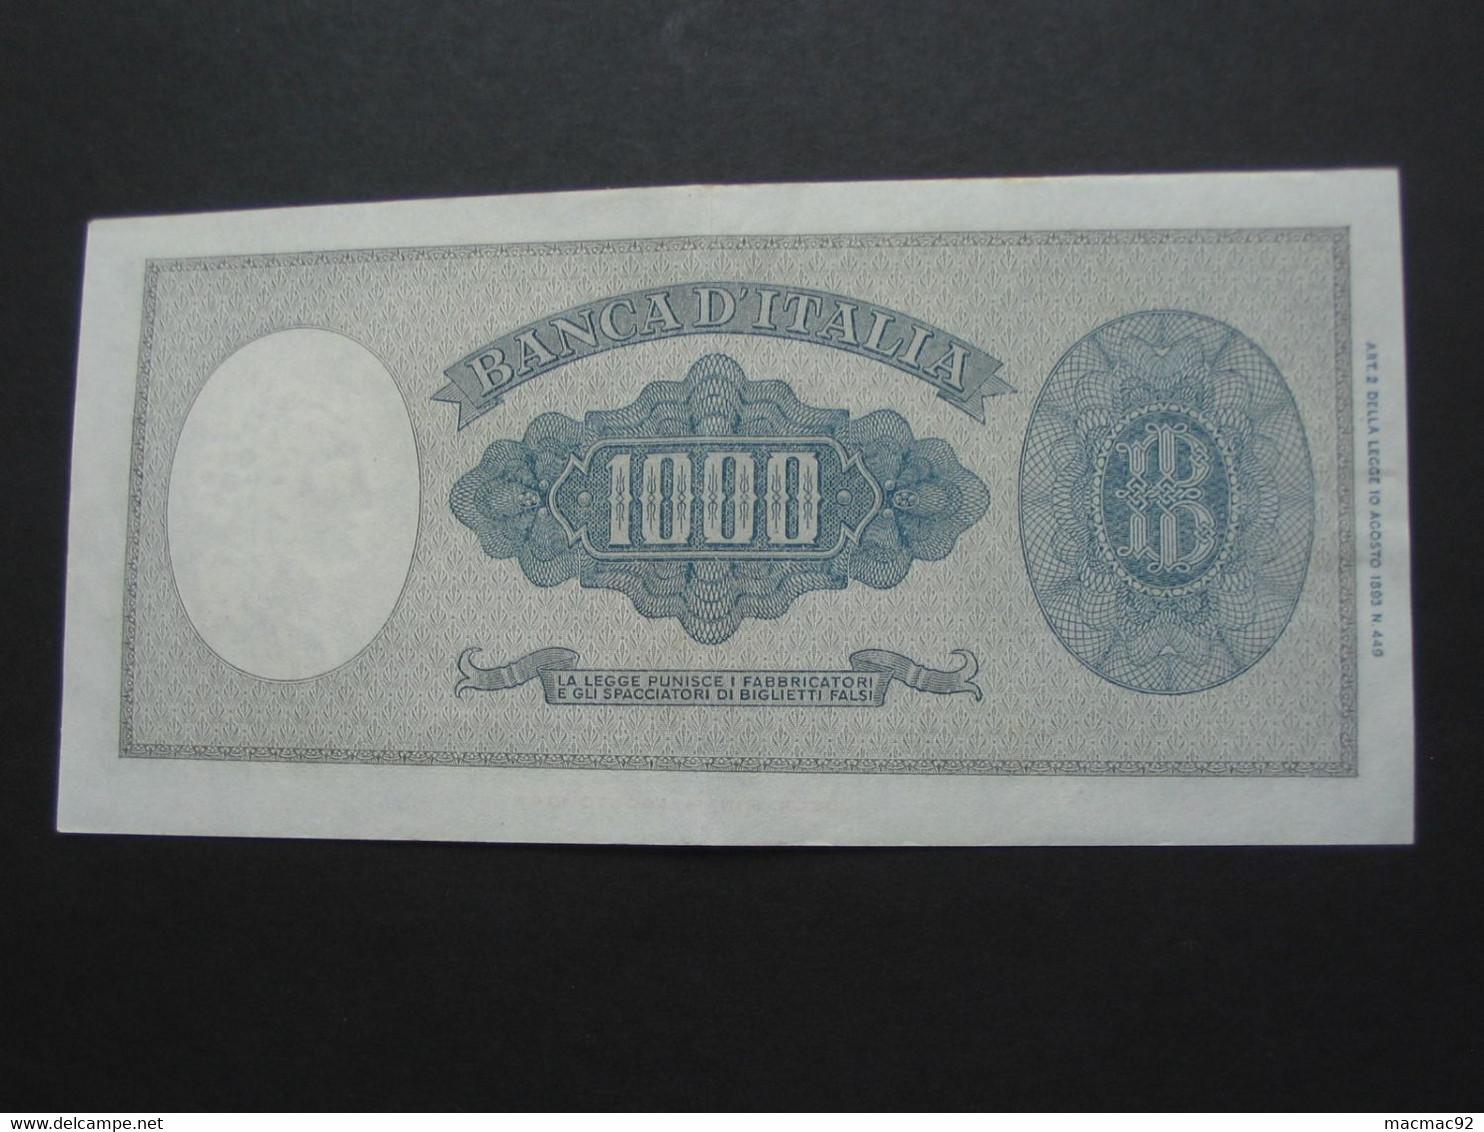 1000 Mille LIRE 10.2.1948  - ITALIE - Banca D'Italia  **** EN ACHAT IMMEDIAT **** - 1000 Lire